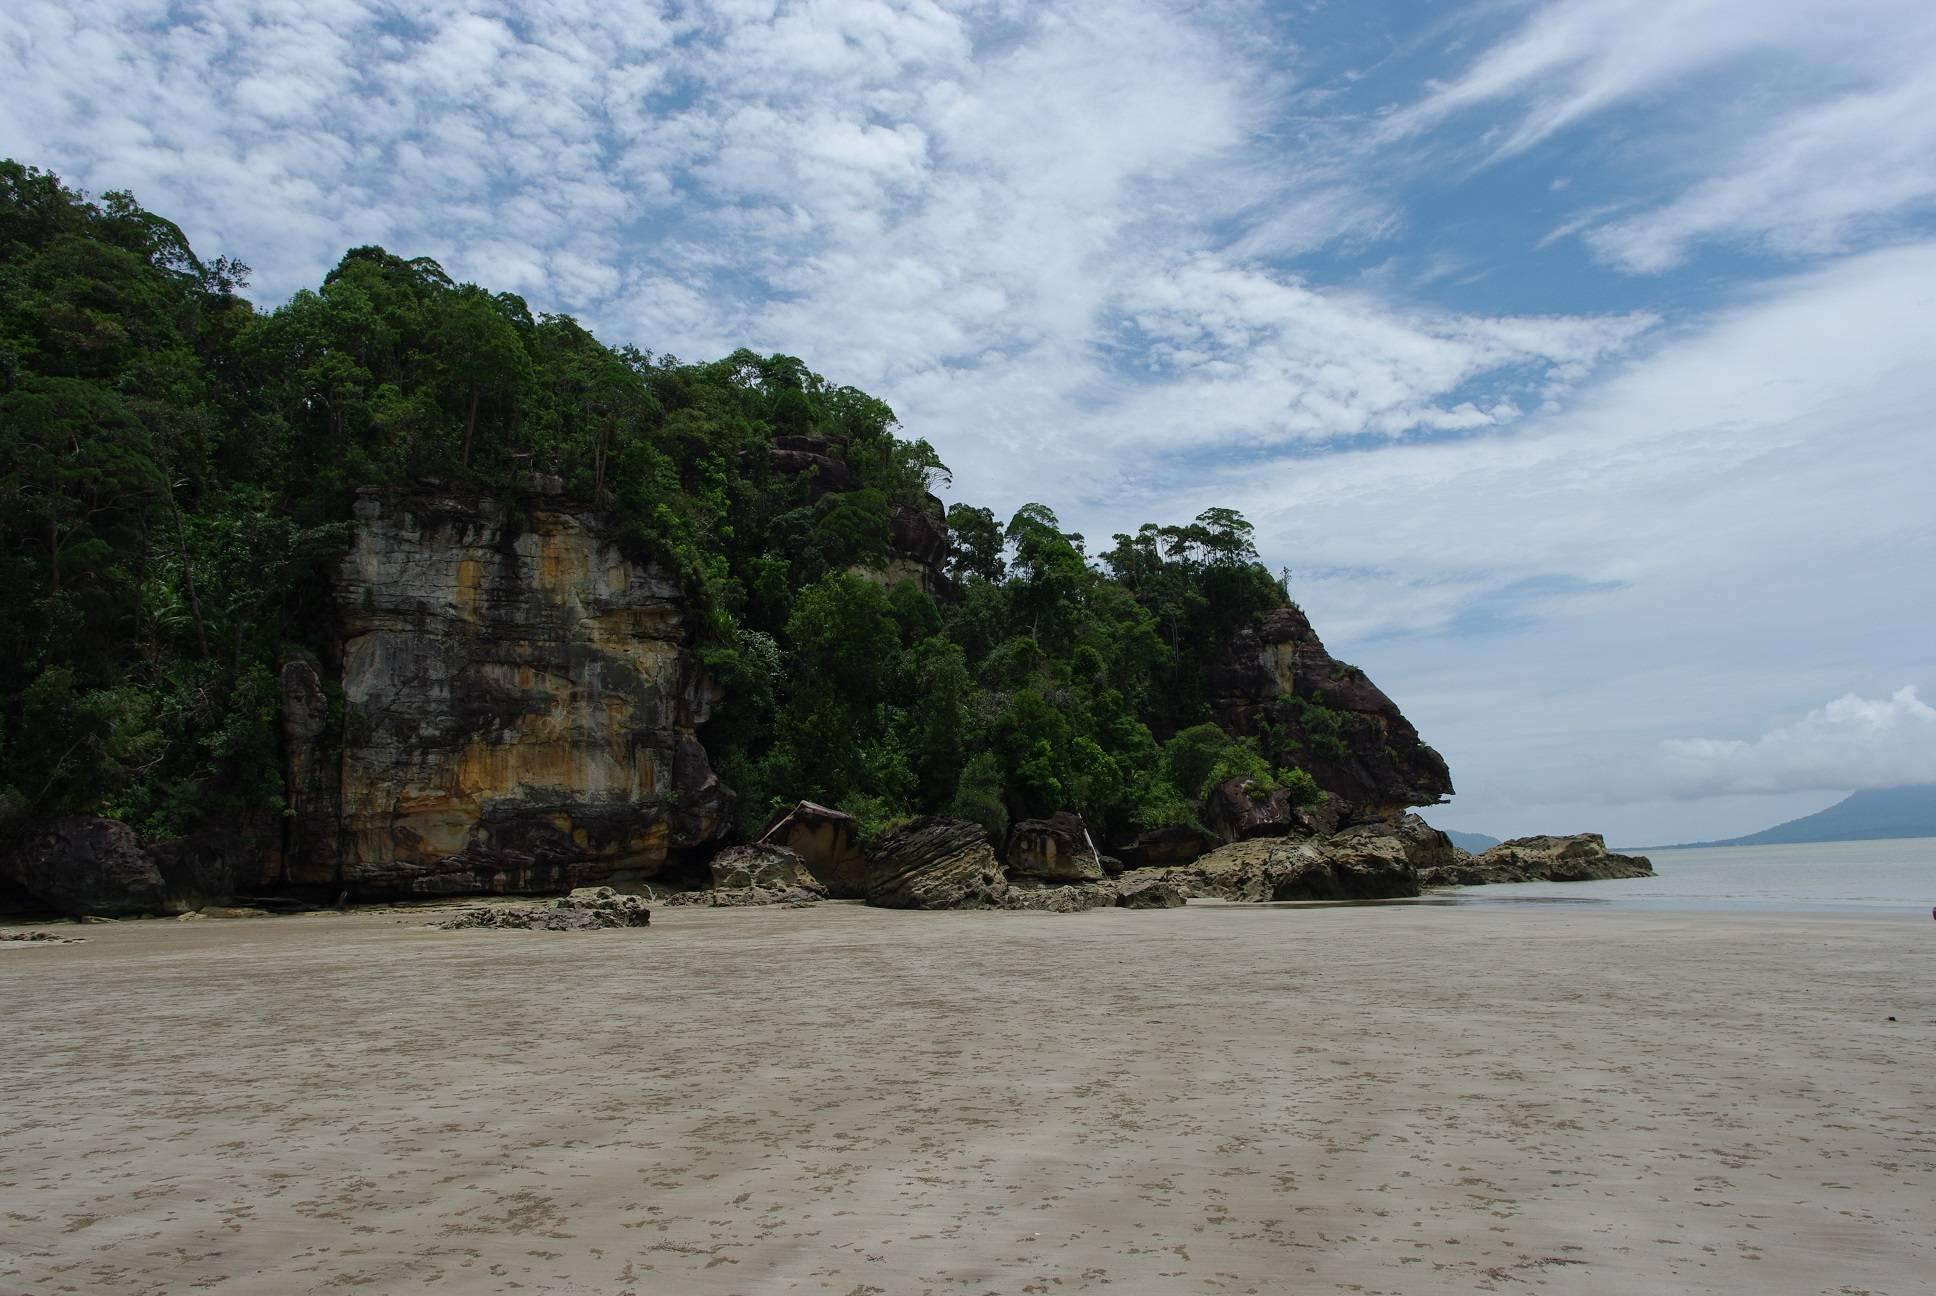 Photo 1: Trek dans l'ile sauvage de Bako